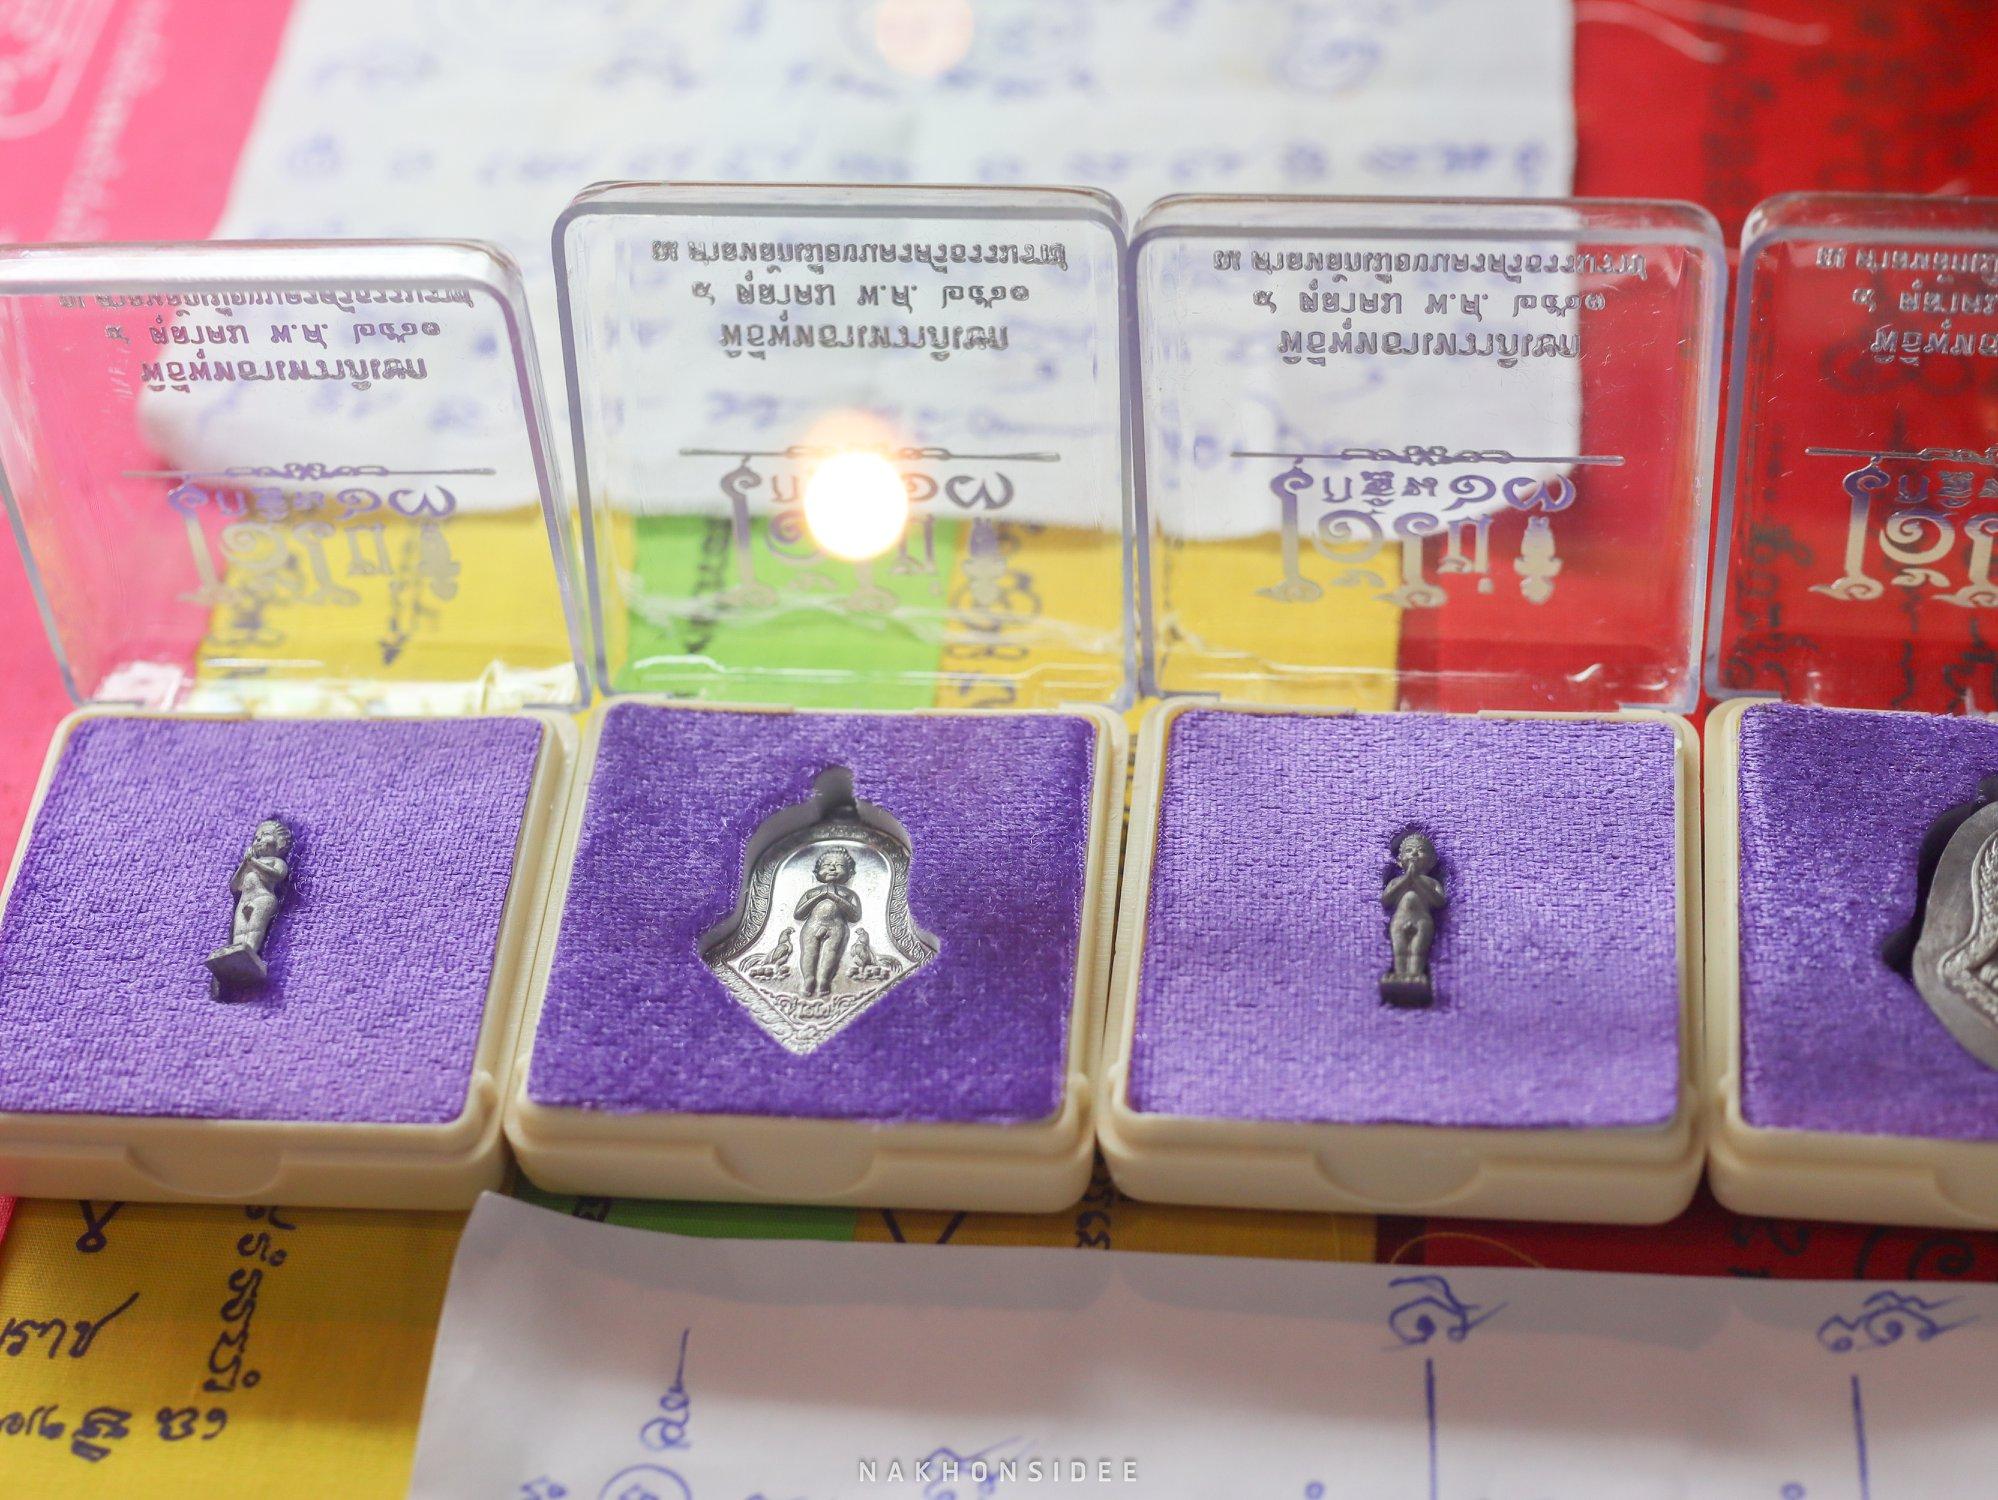 บ้านขุนพันธ์,สายมู,สายบุญ,นครศรีธรรมราช,ขุนพันธรักษ์ราชเดช